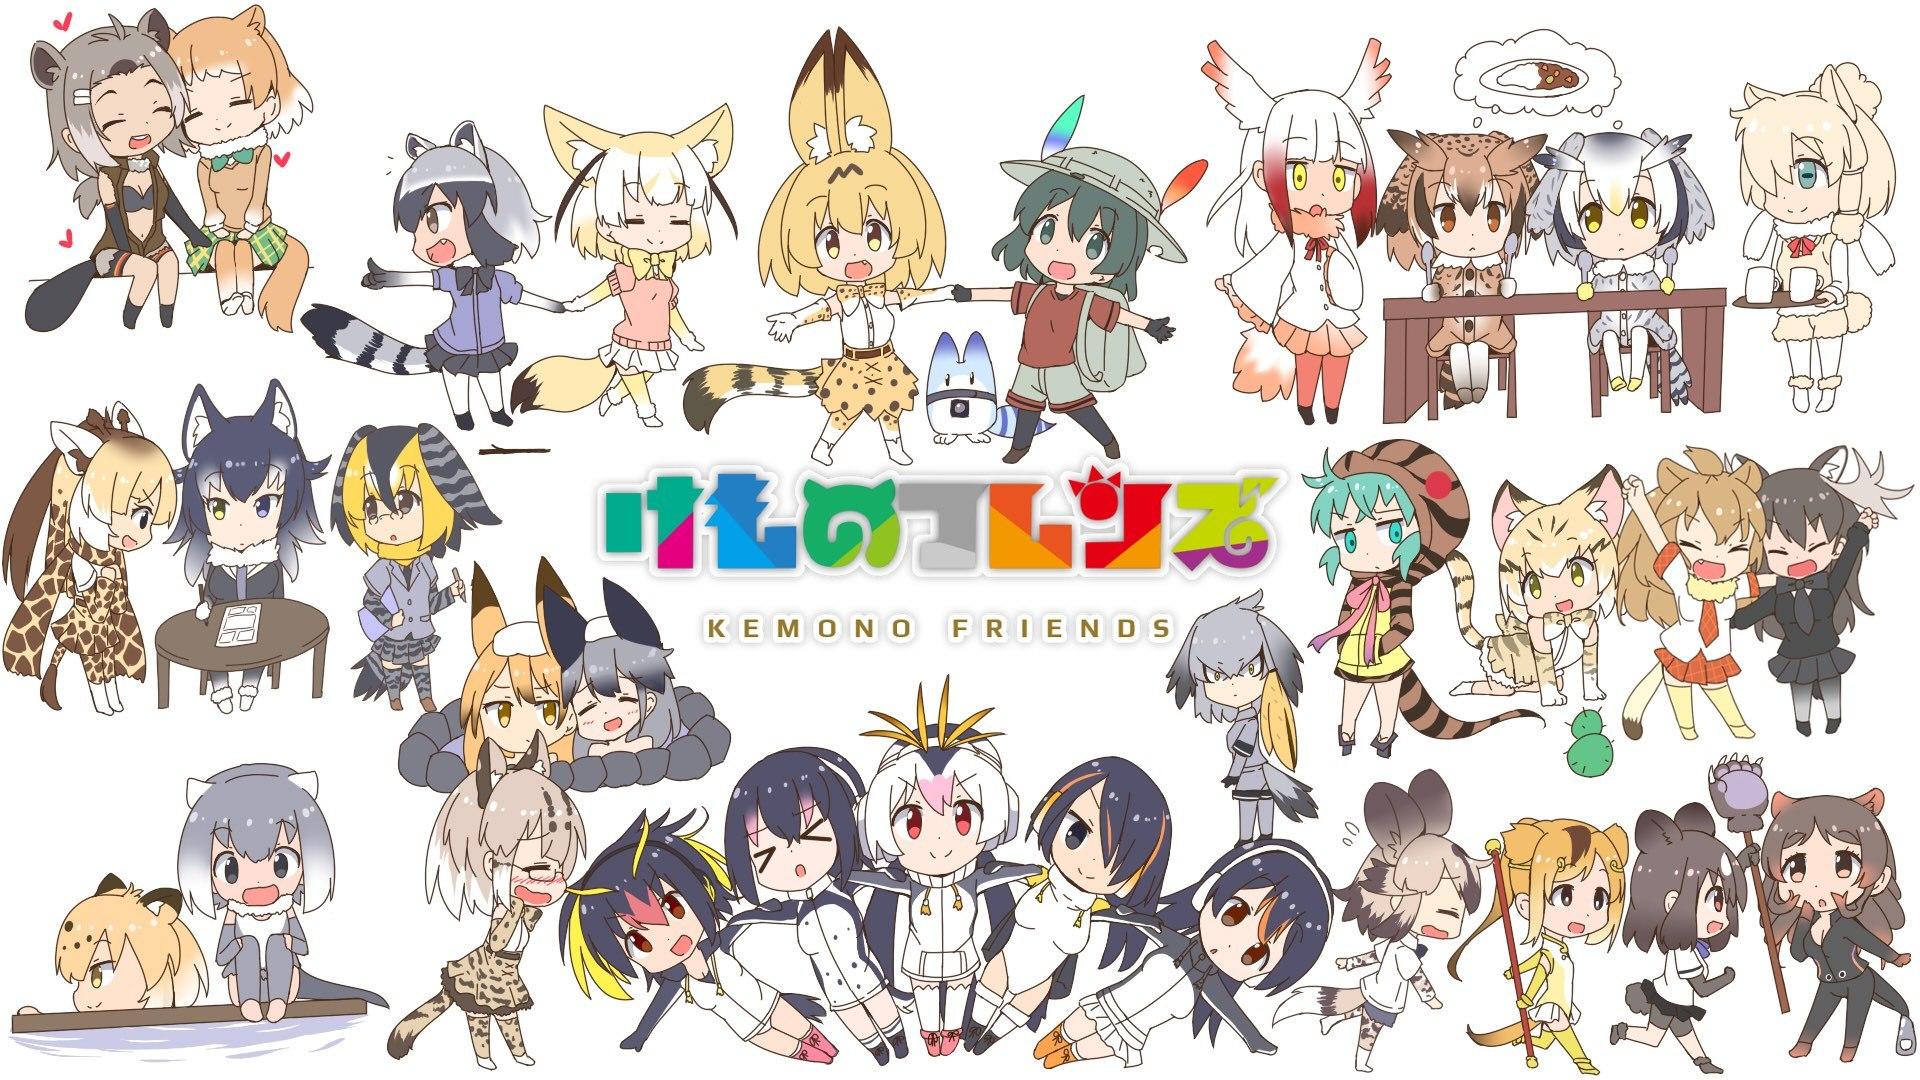 けものフレンズ Kemono Friends No 432 厳選アニメ壁紙 2017